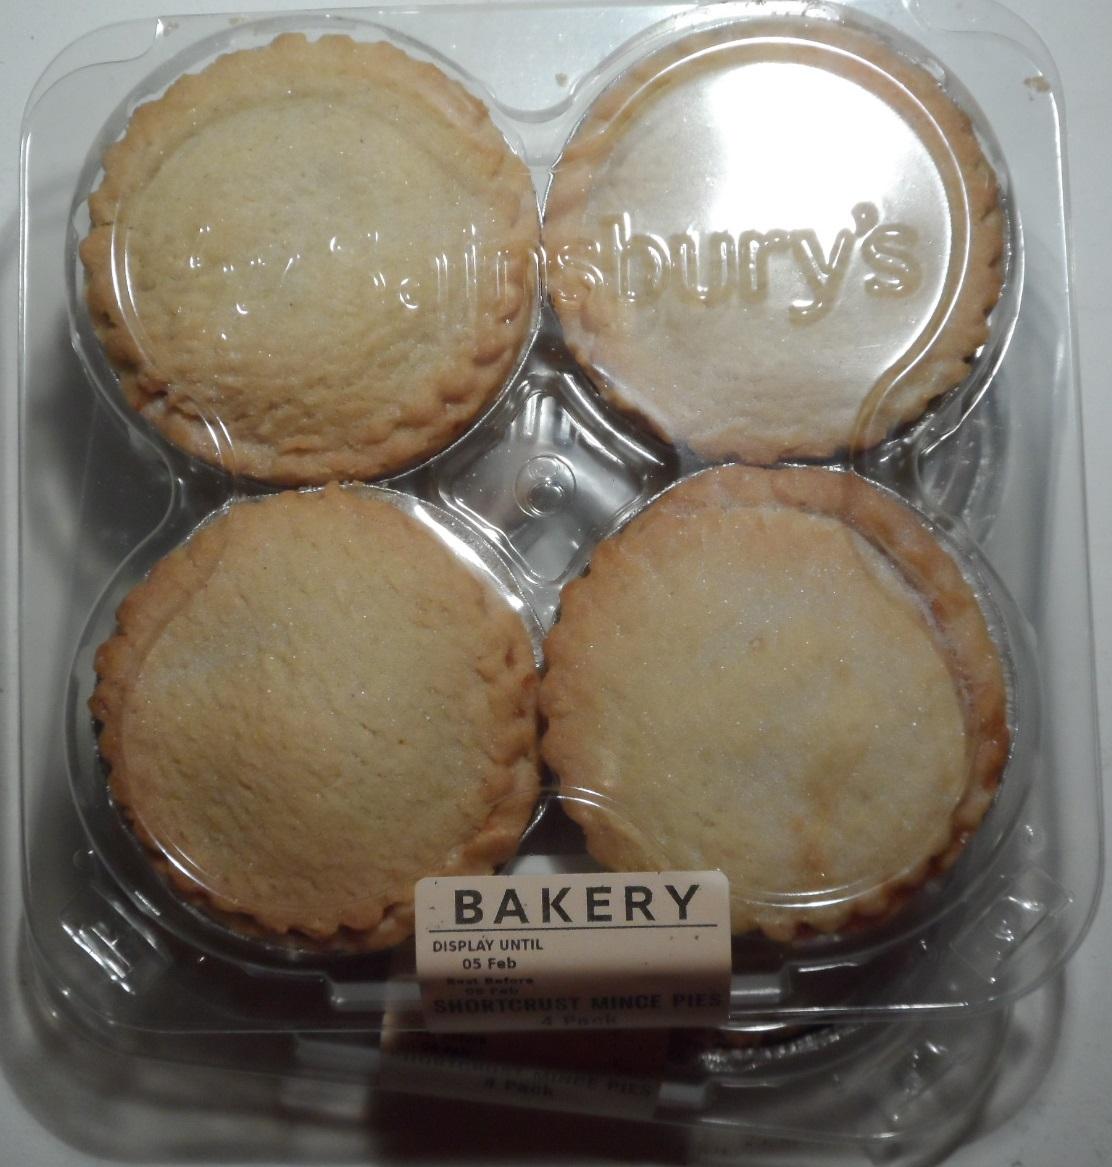 4 Bakery Shortcrust Mince Pies 10p @ Sainsbury's Aberdeen Berryden